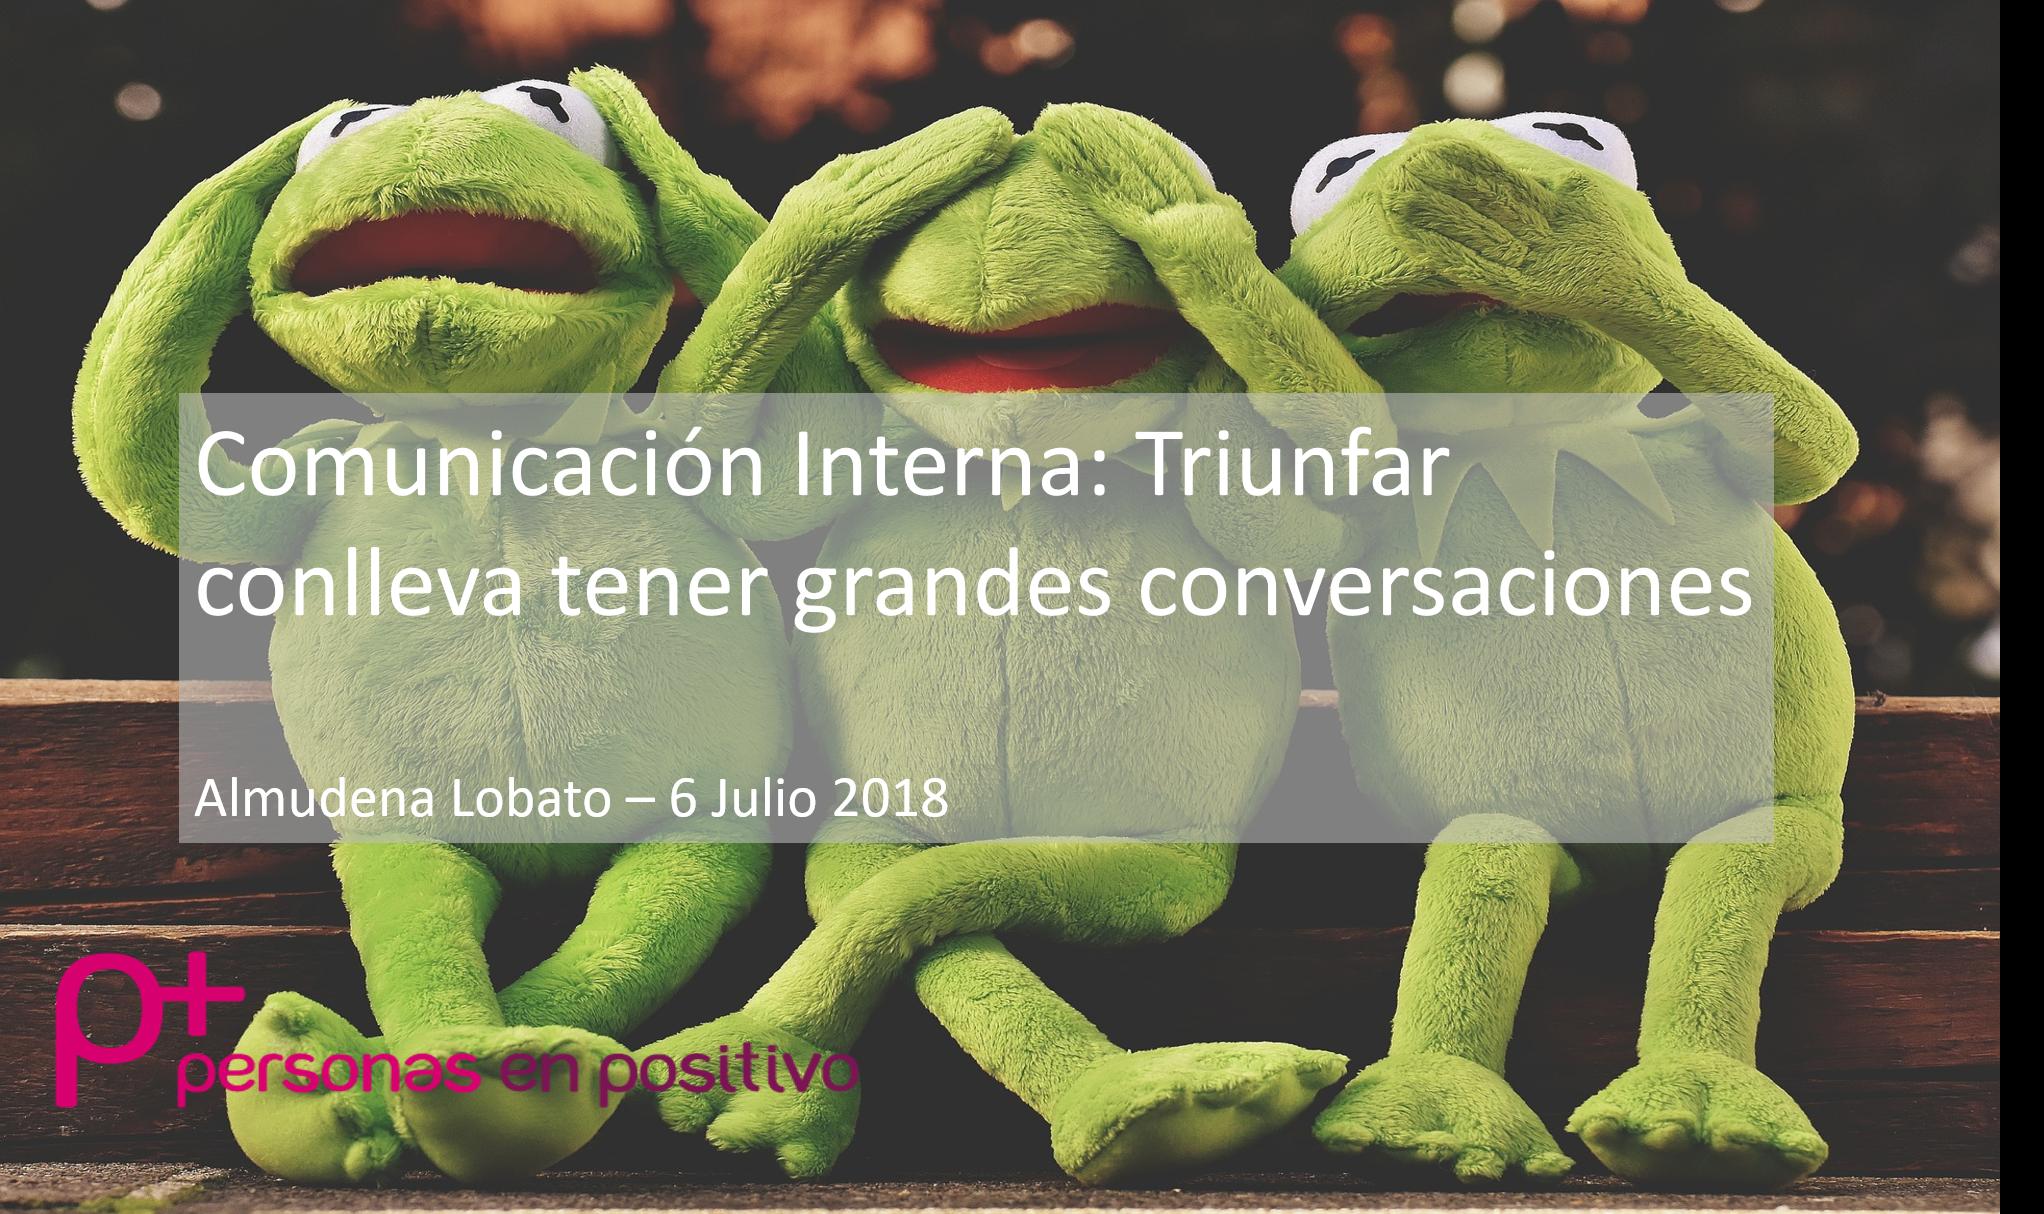 Comunicación Interna: Triunfar conlleva tener grandes conversaciones